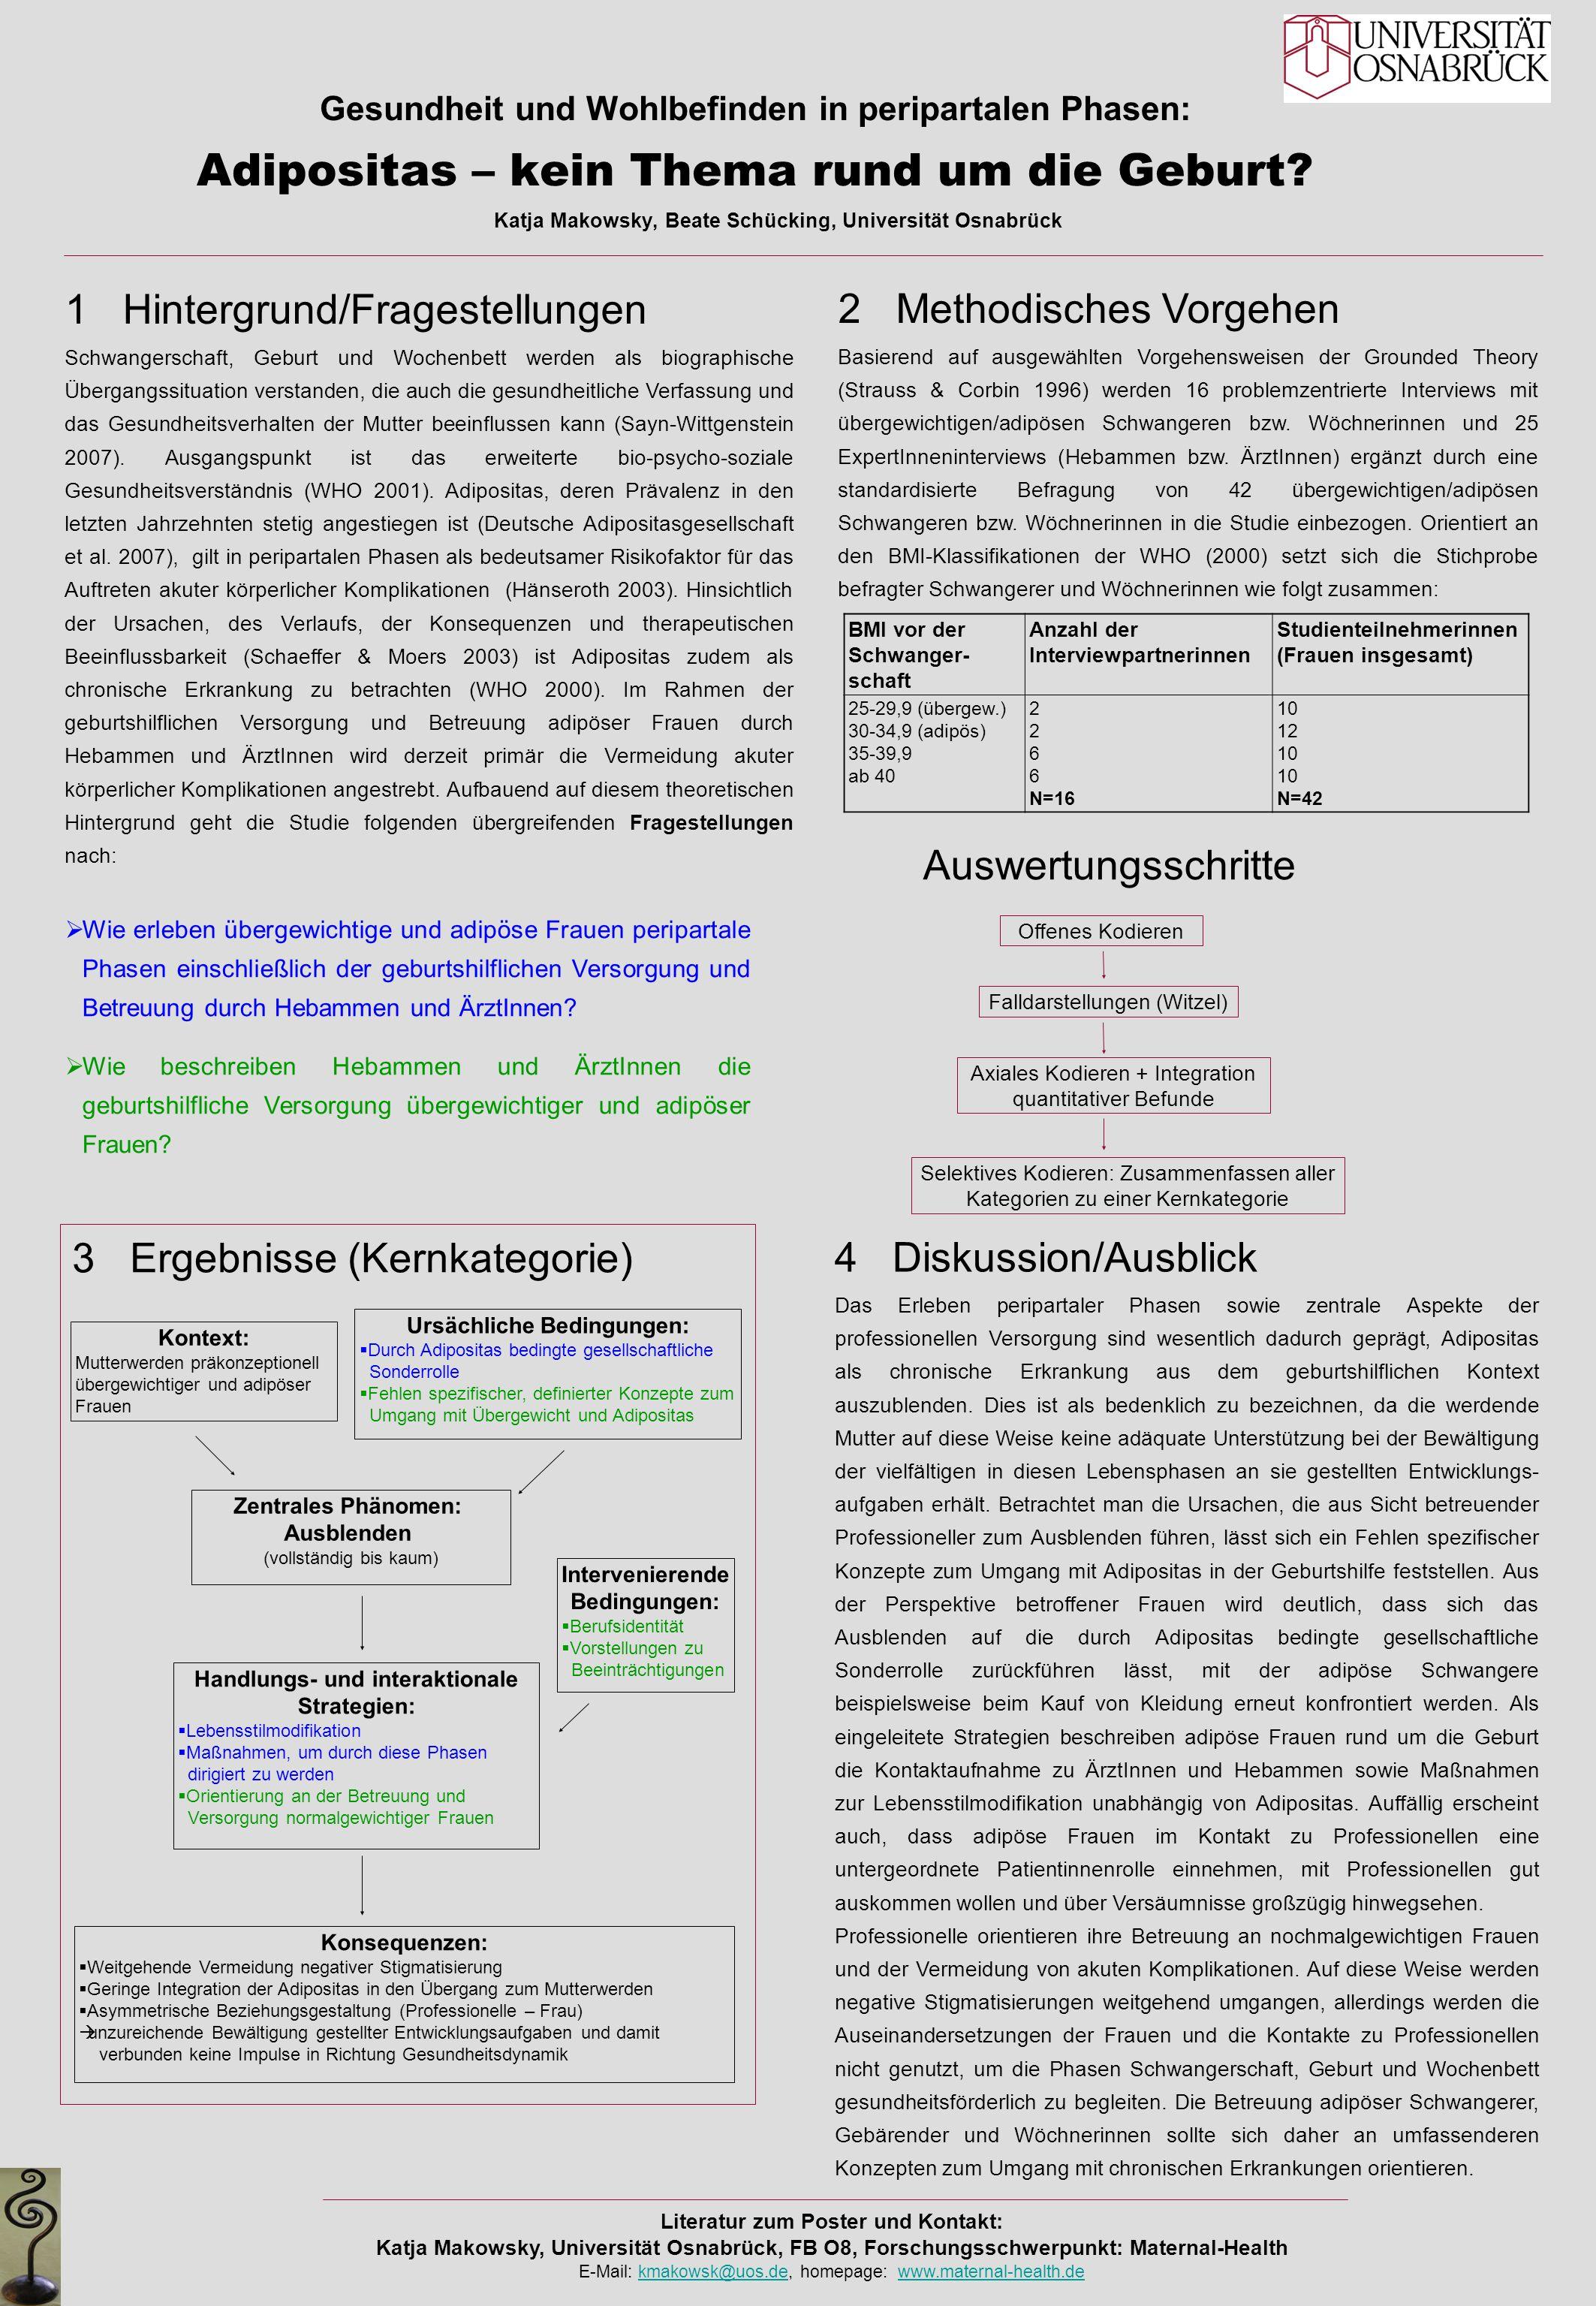 Gesundheit und Wohlbefinden in peripartalen Phasen: Adipositas – kein Thema rund um die Geburt? Katja Makowsky, Beate Schücking, Universität Osnabrück